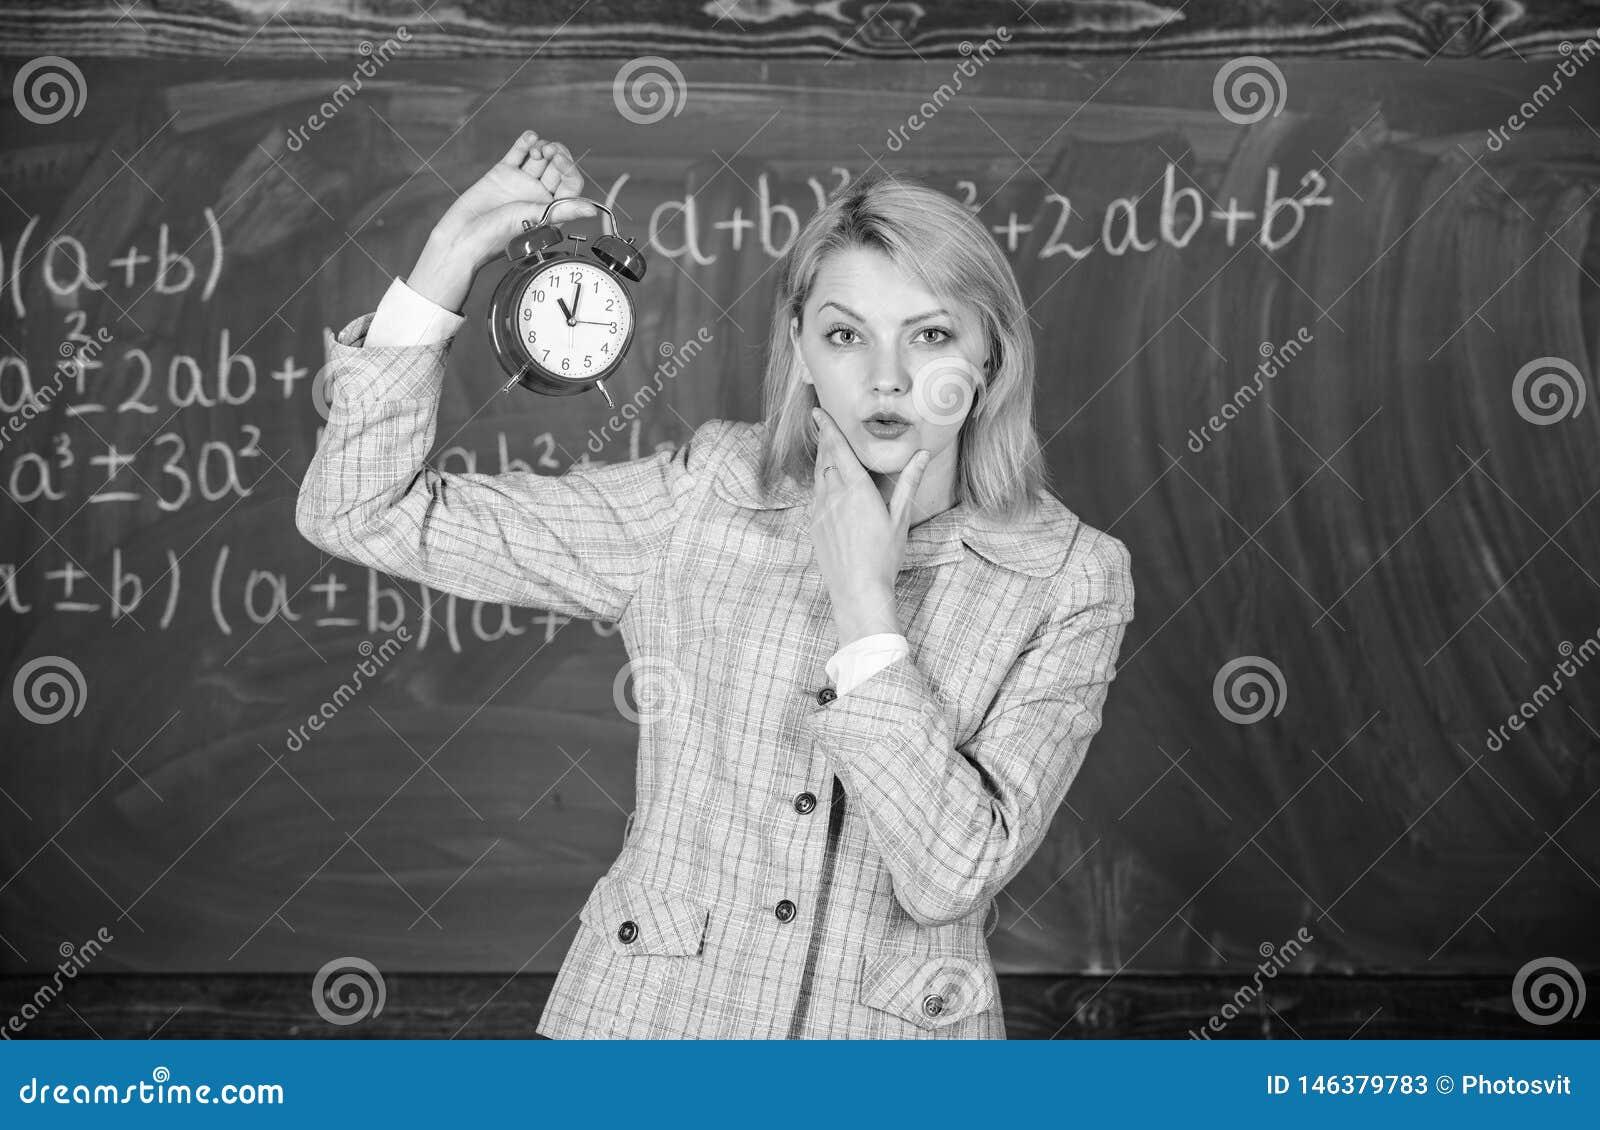 Φροντίζει για την πειθαρχία Ξυπνητήρι λαβής δασκάλων γυναικών Σχολικός ομιλητής κοριτσιών Τι ώρα είναι Πρόγραμμα μαθημάτων